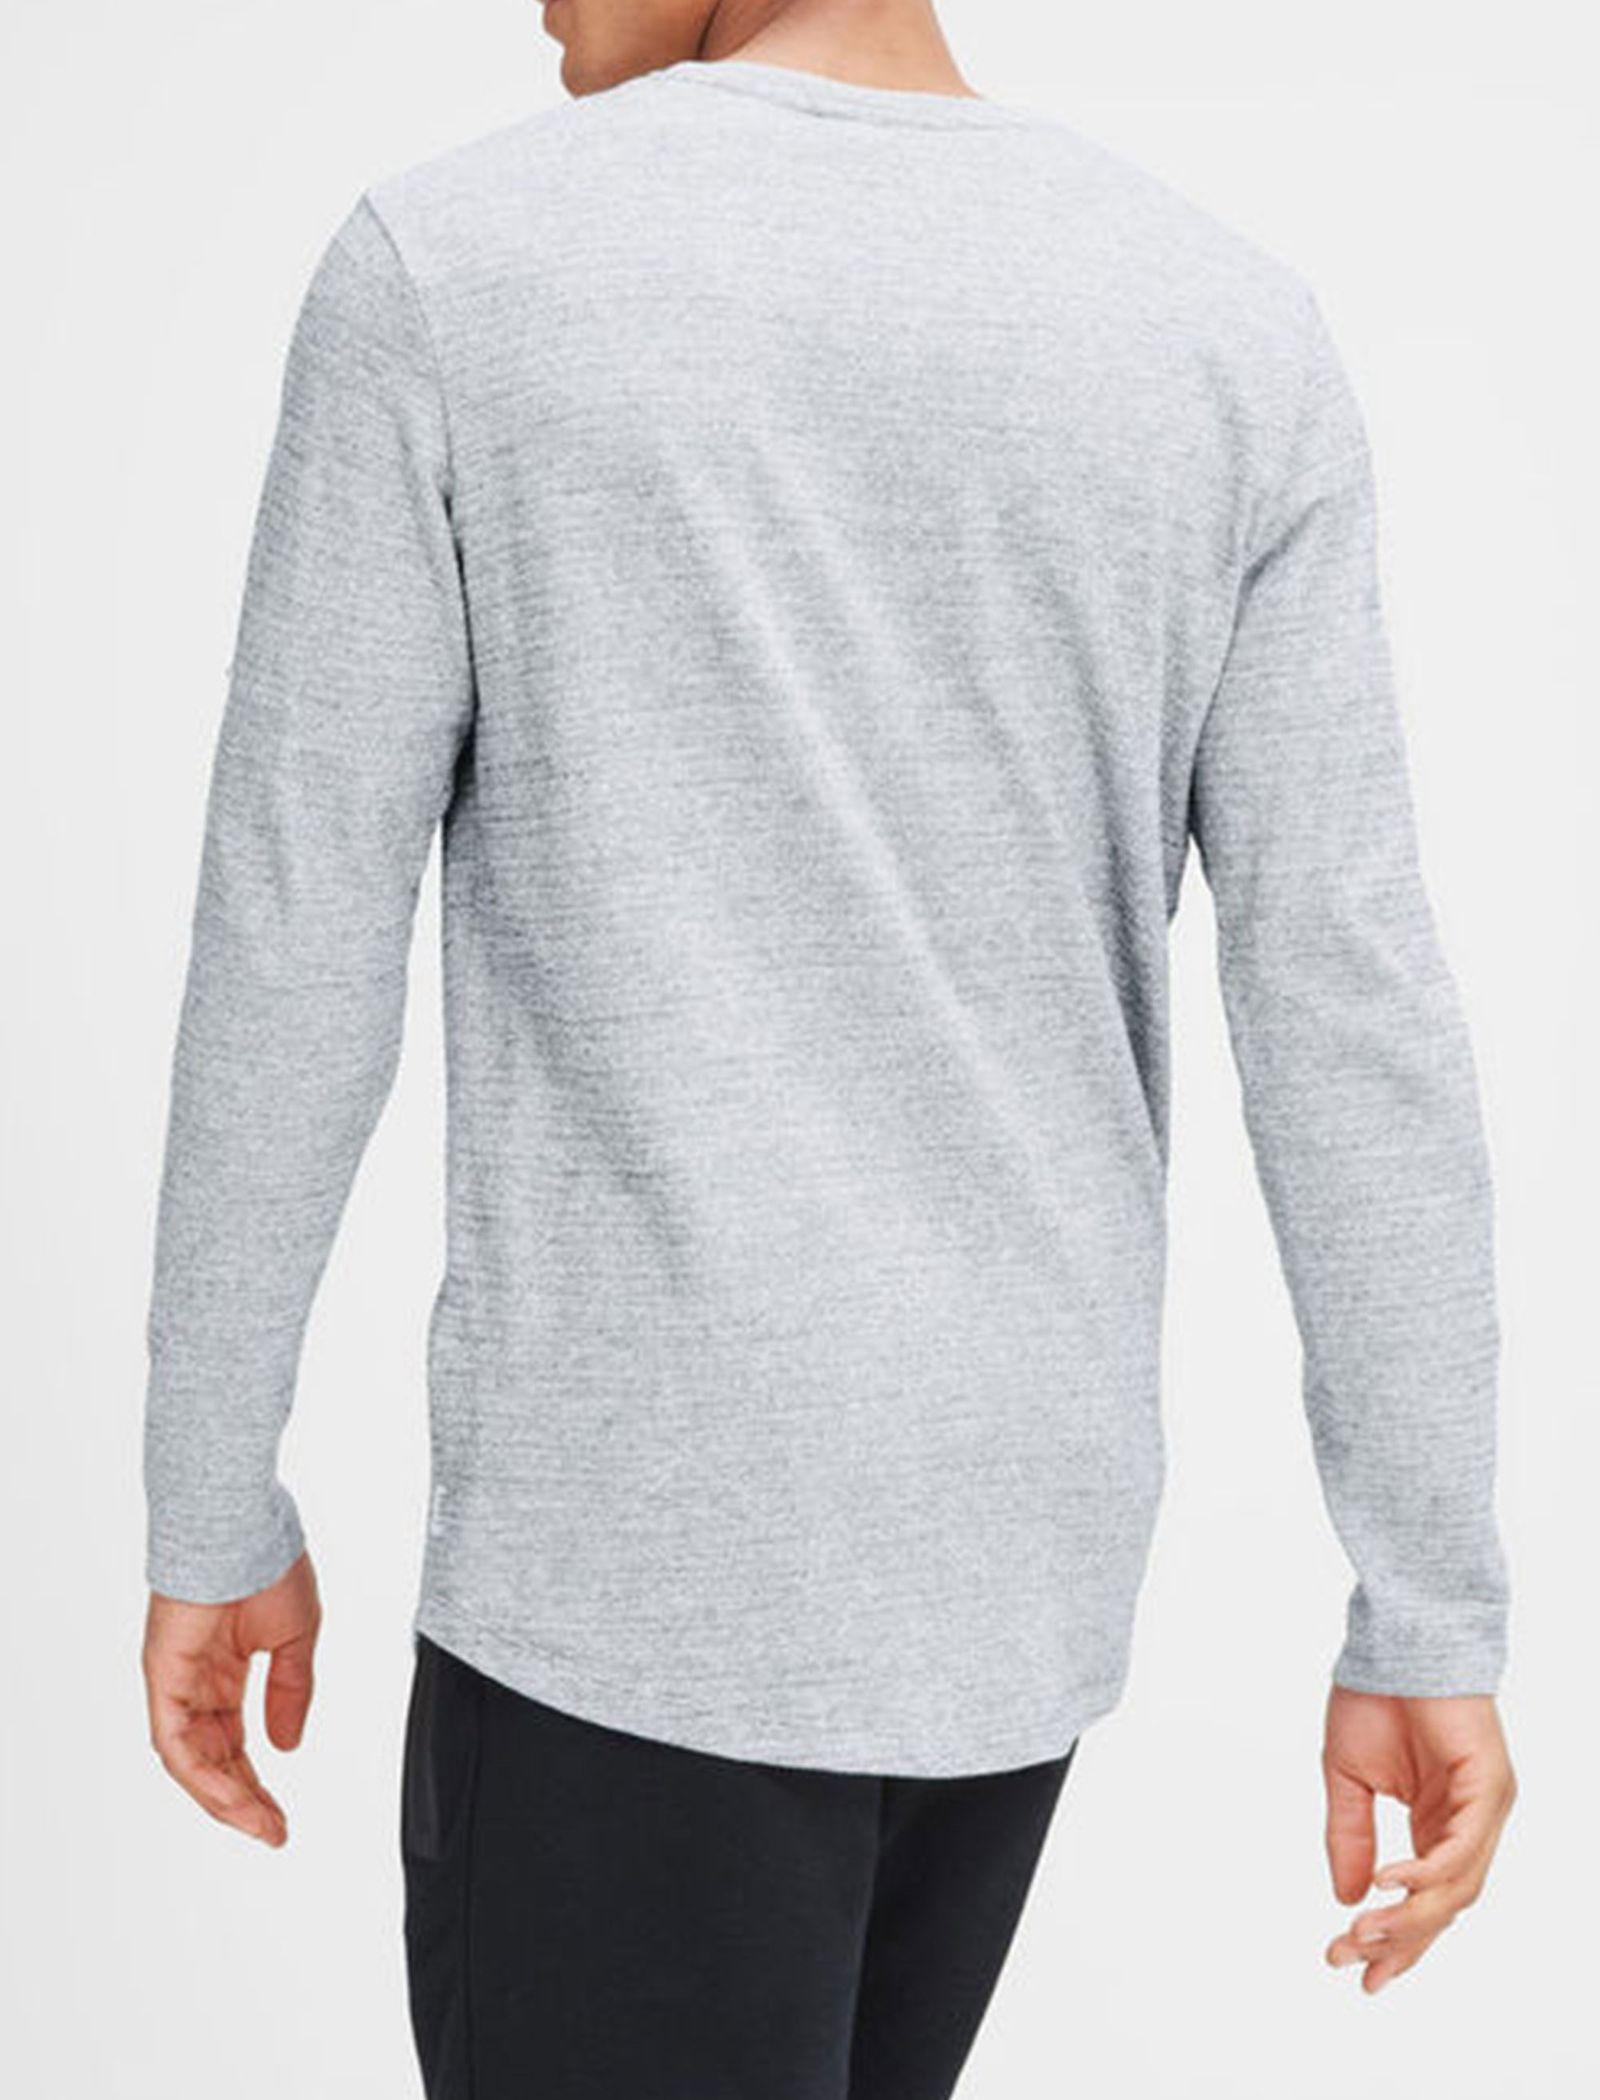 تی شرت نخی آستین بلند مردانه - جک اند جونز - طوسي - 4